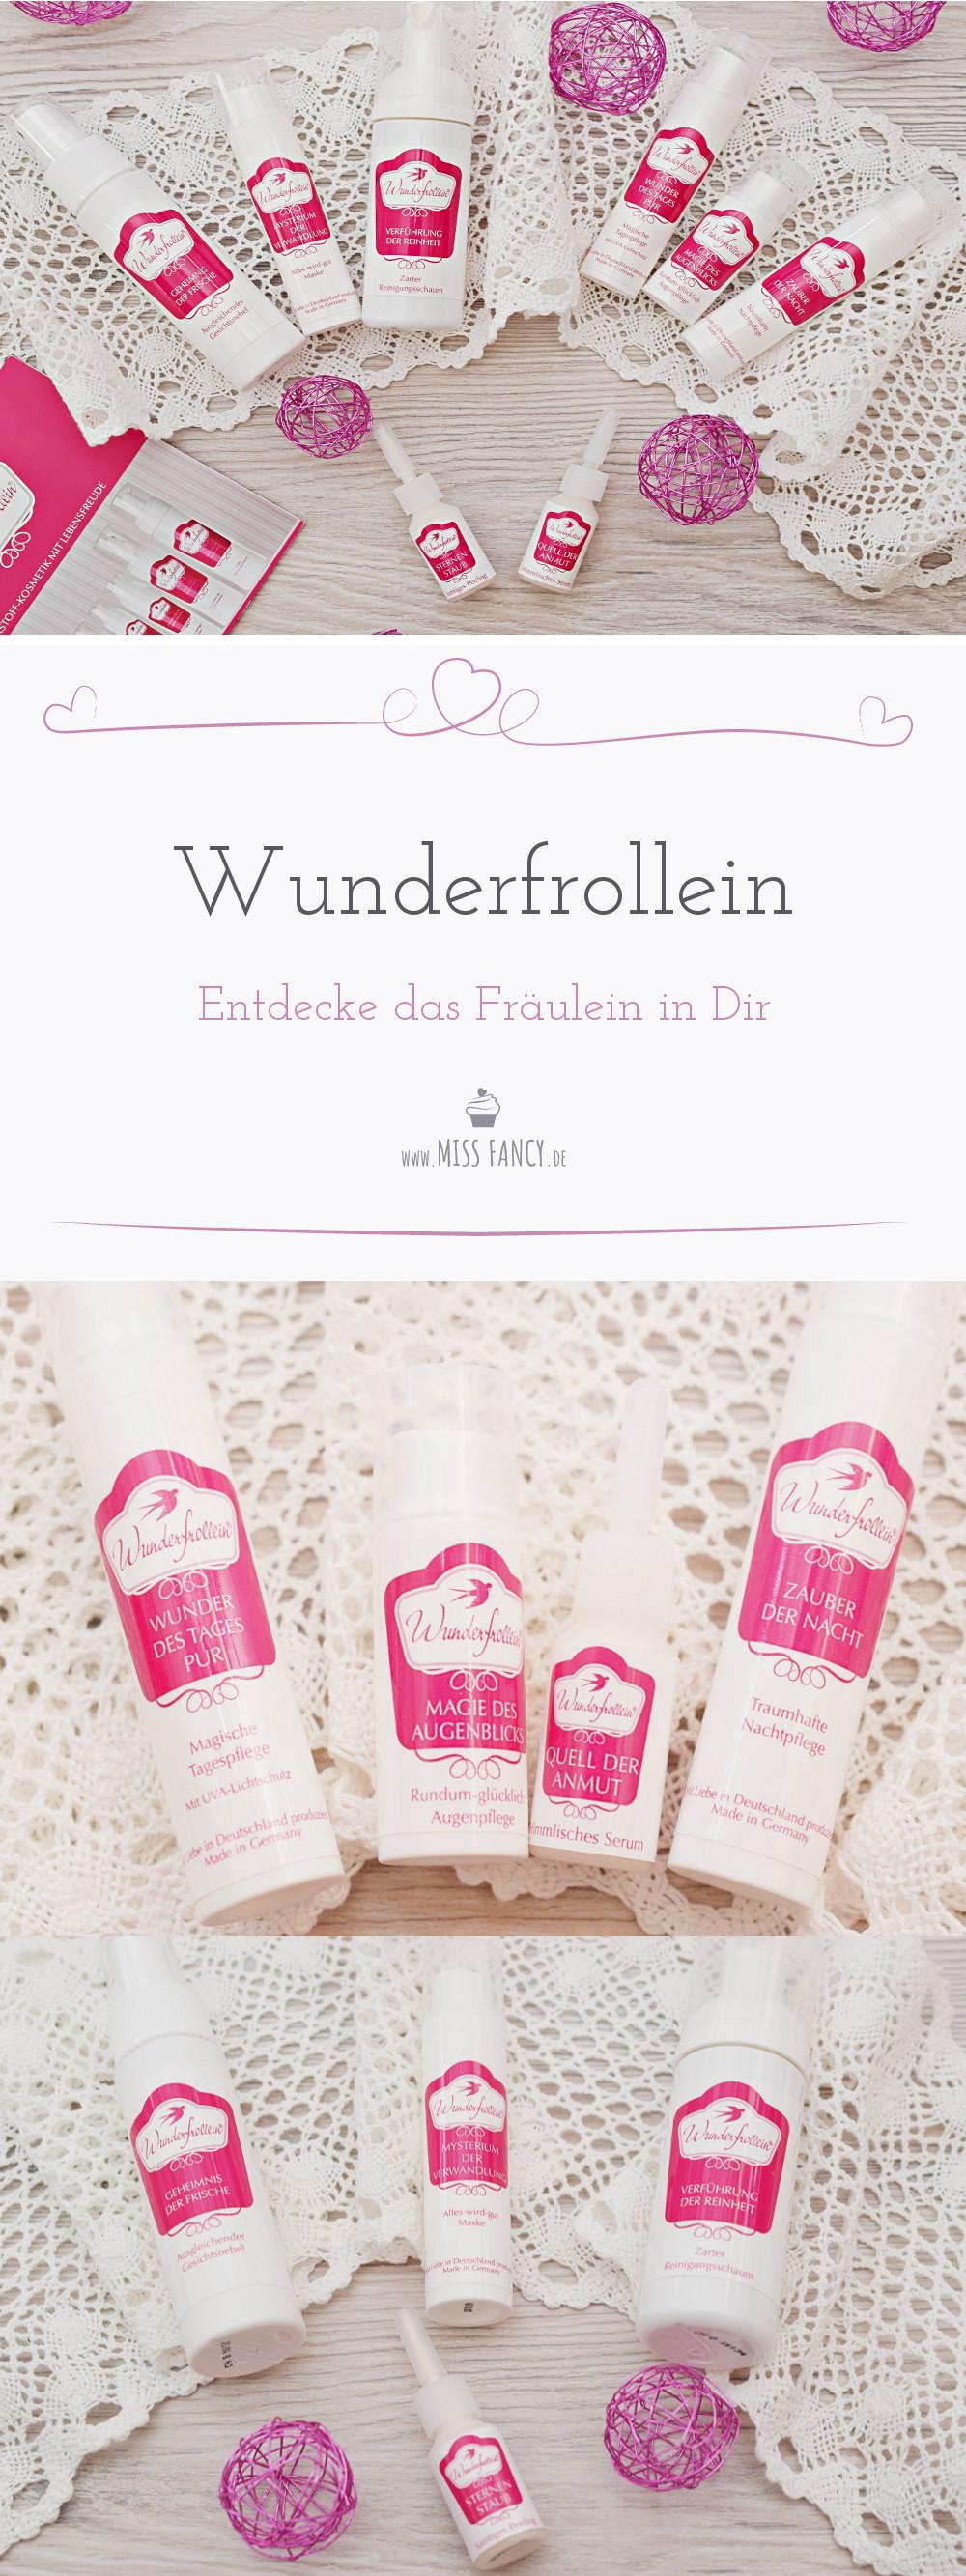 Wunderfollein-Erlebe Dein Fräuleinwunder - Hautpflege